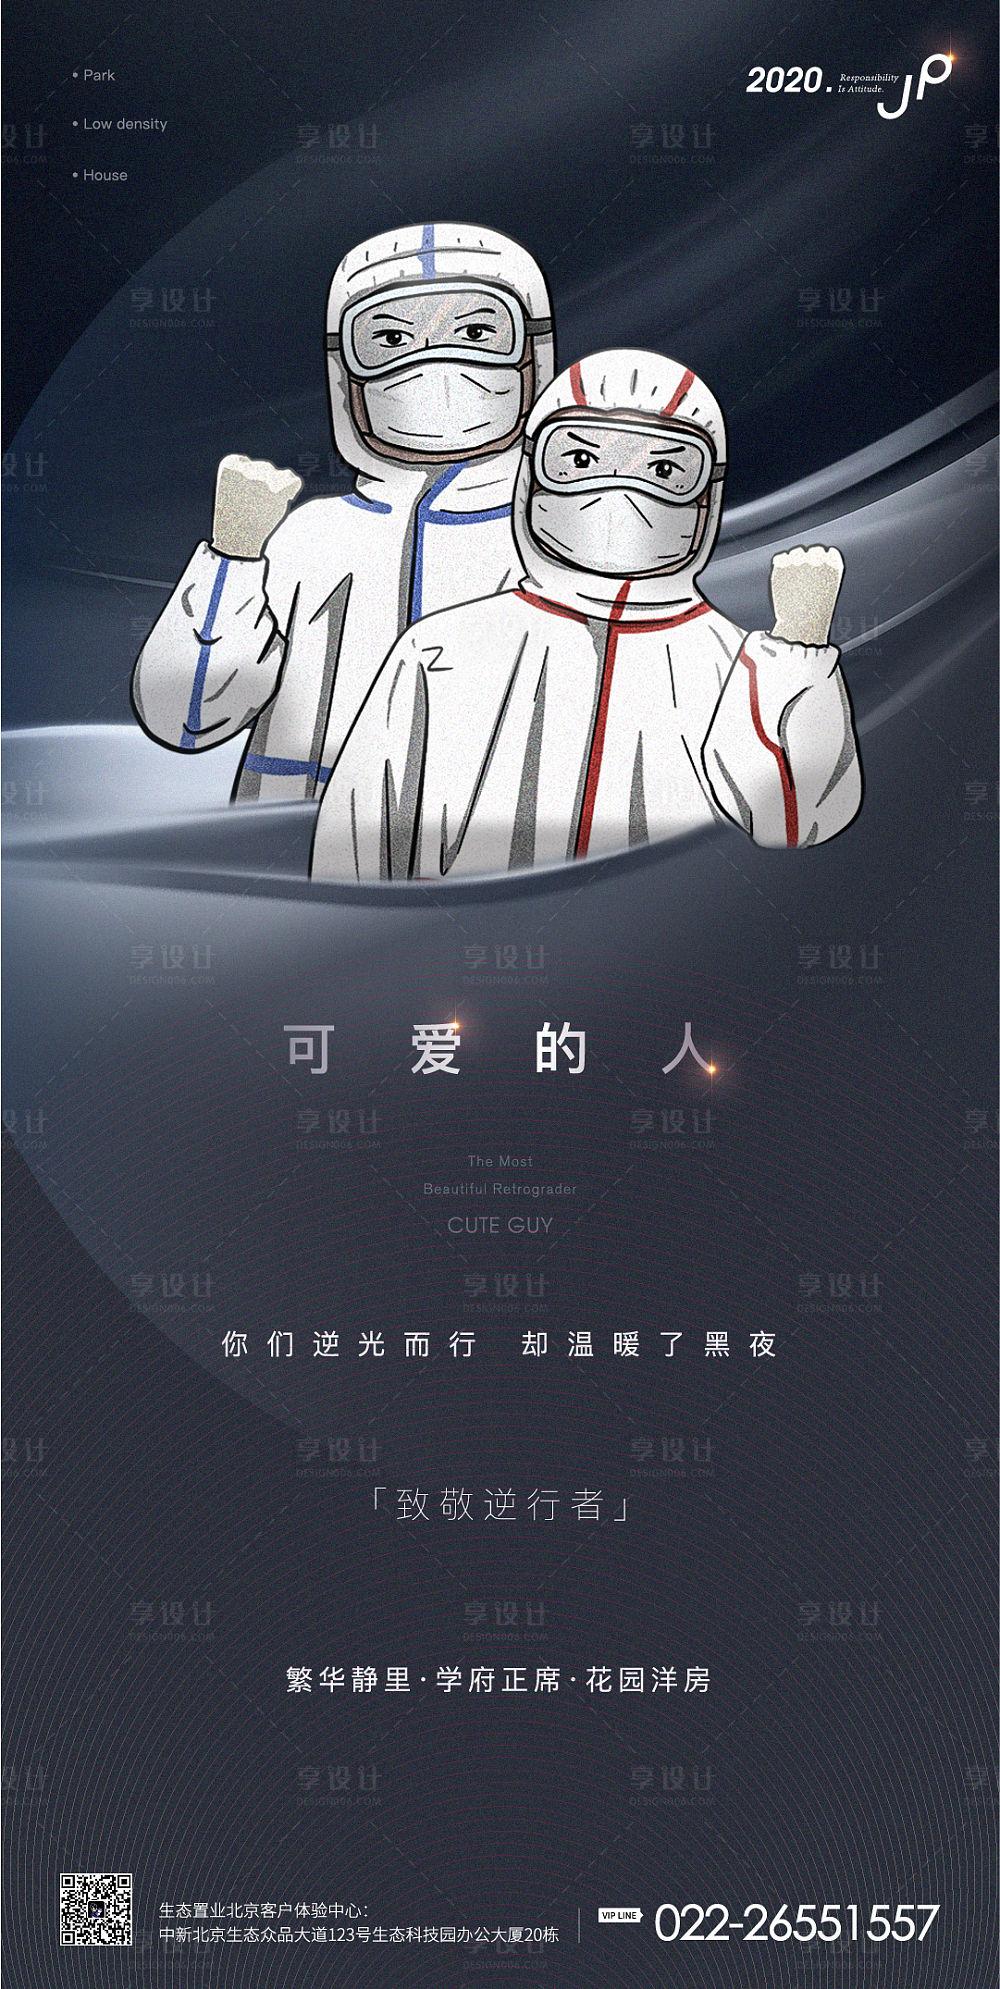 【源文件下载】 海报 武汉加油 房地产 医生 护士 卡通 插画 质感 灰色设计作品 设计图集